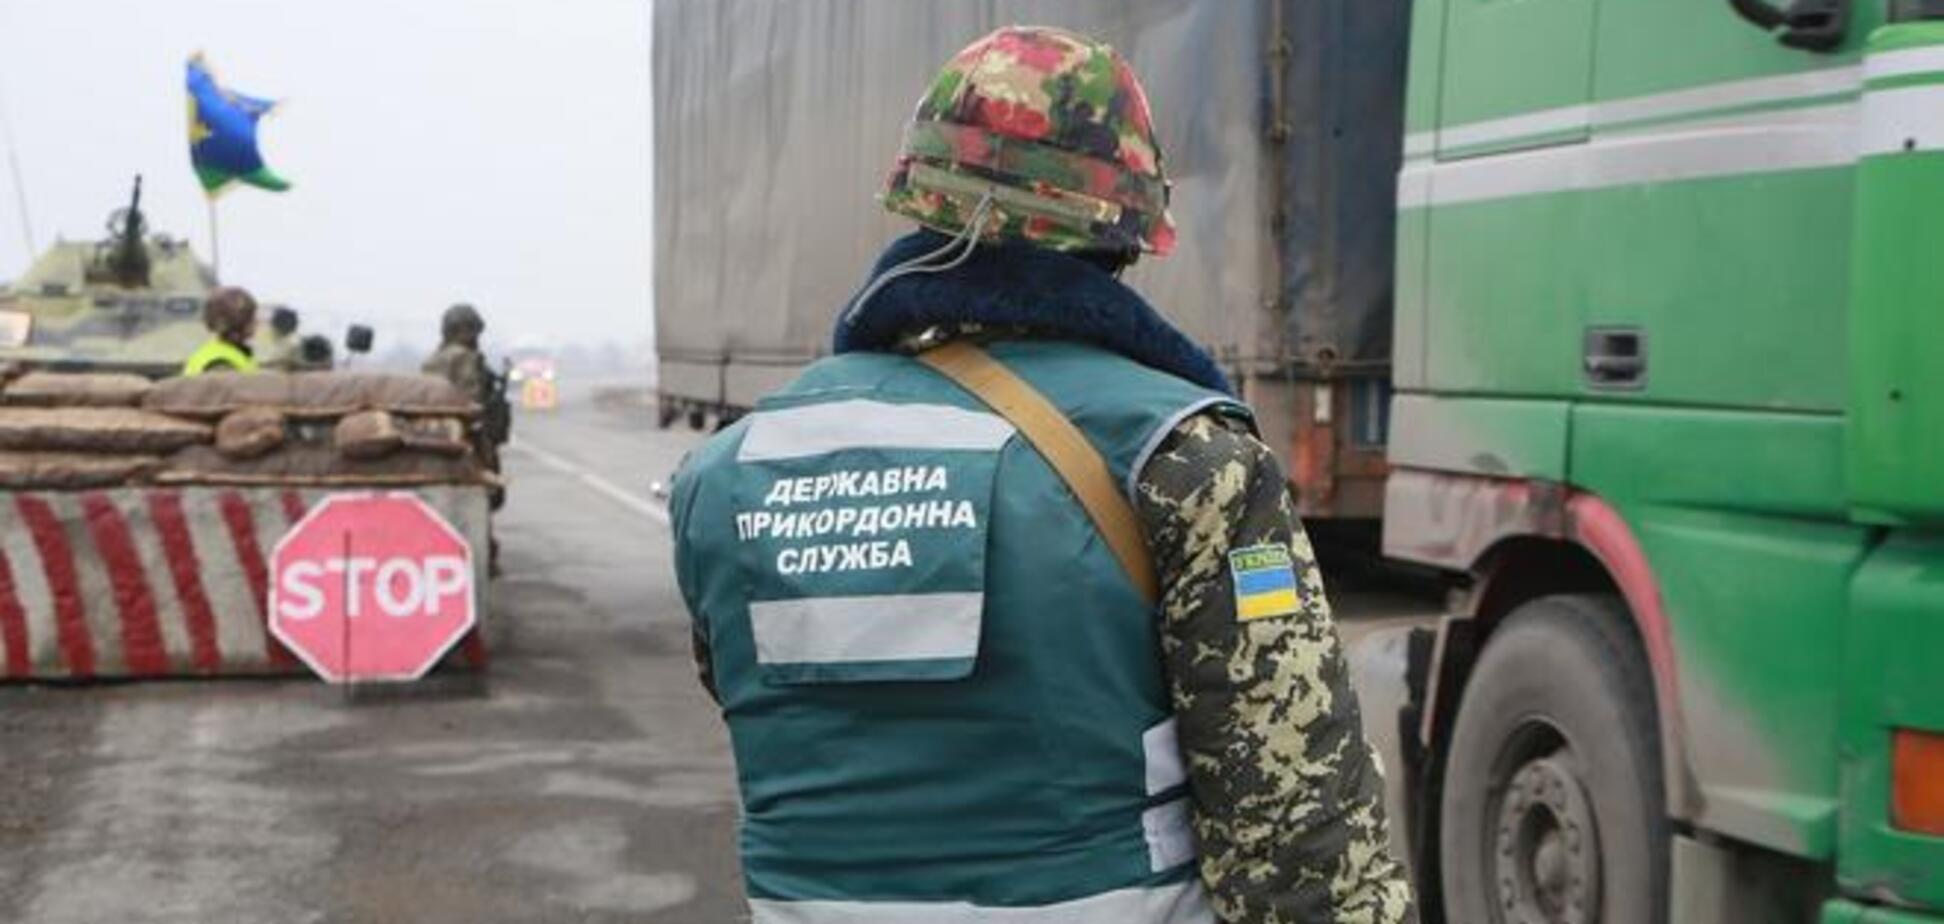 Россияне, не пересекшие границу Украины, находятся в Крыму незаконно - ГПСУ